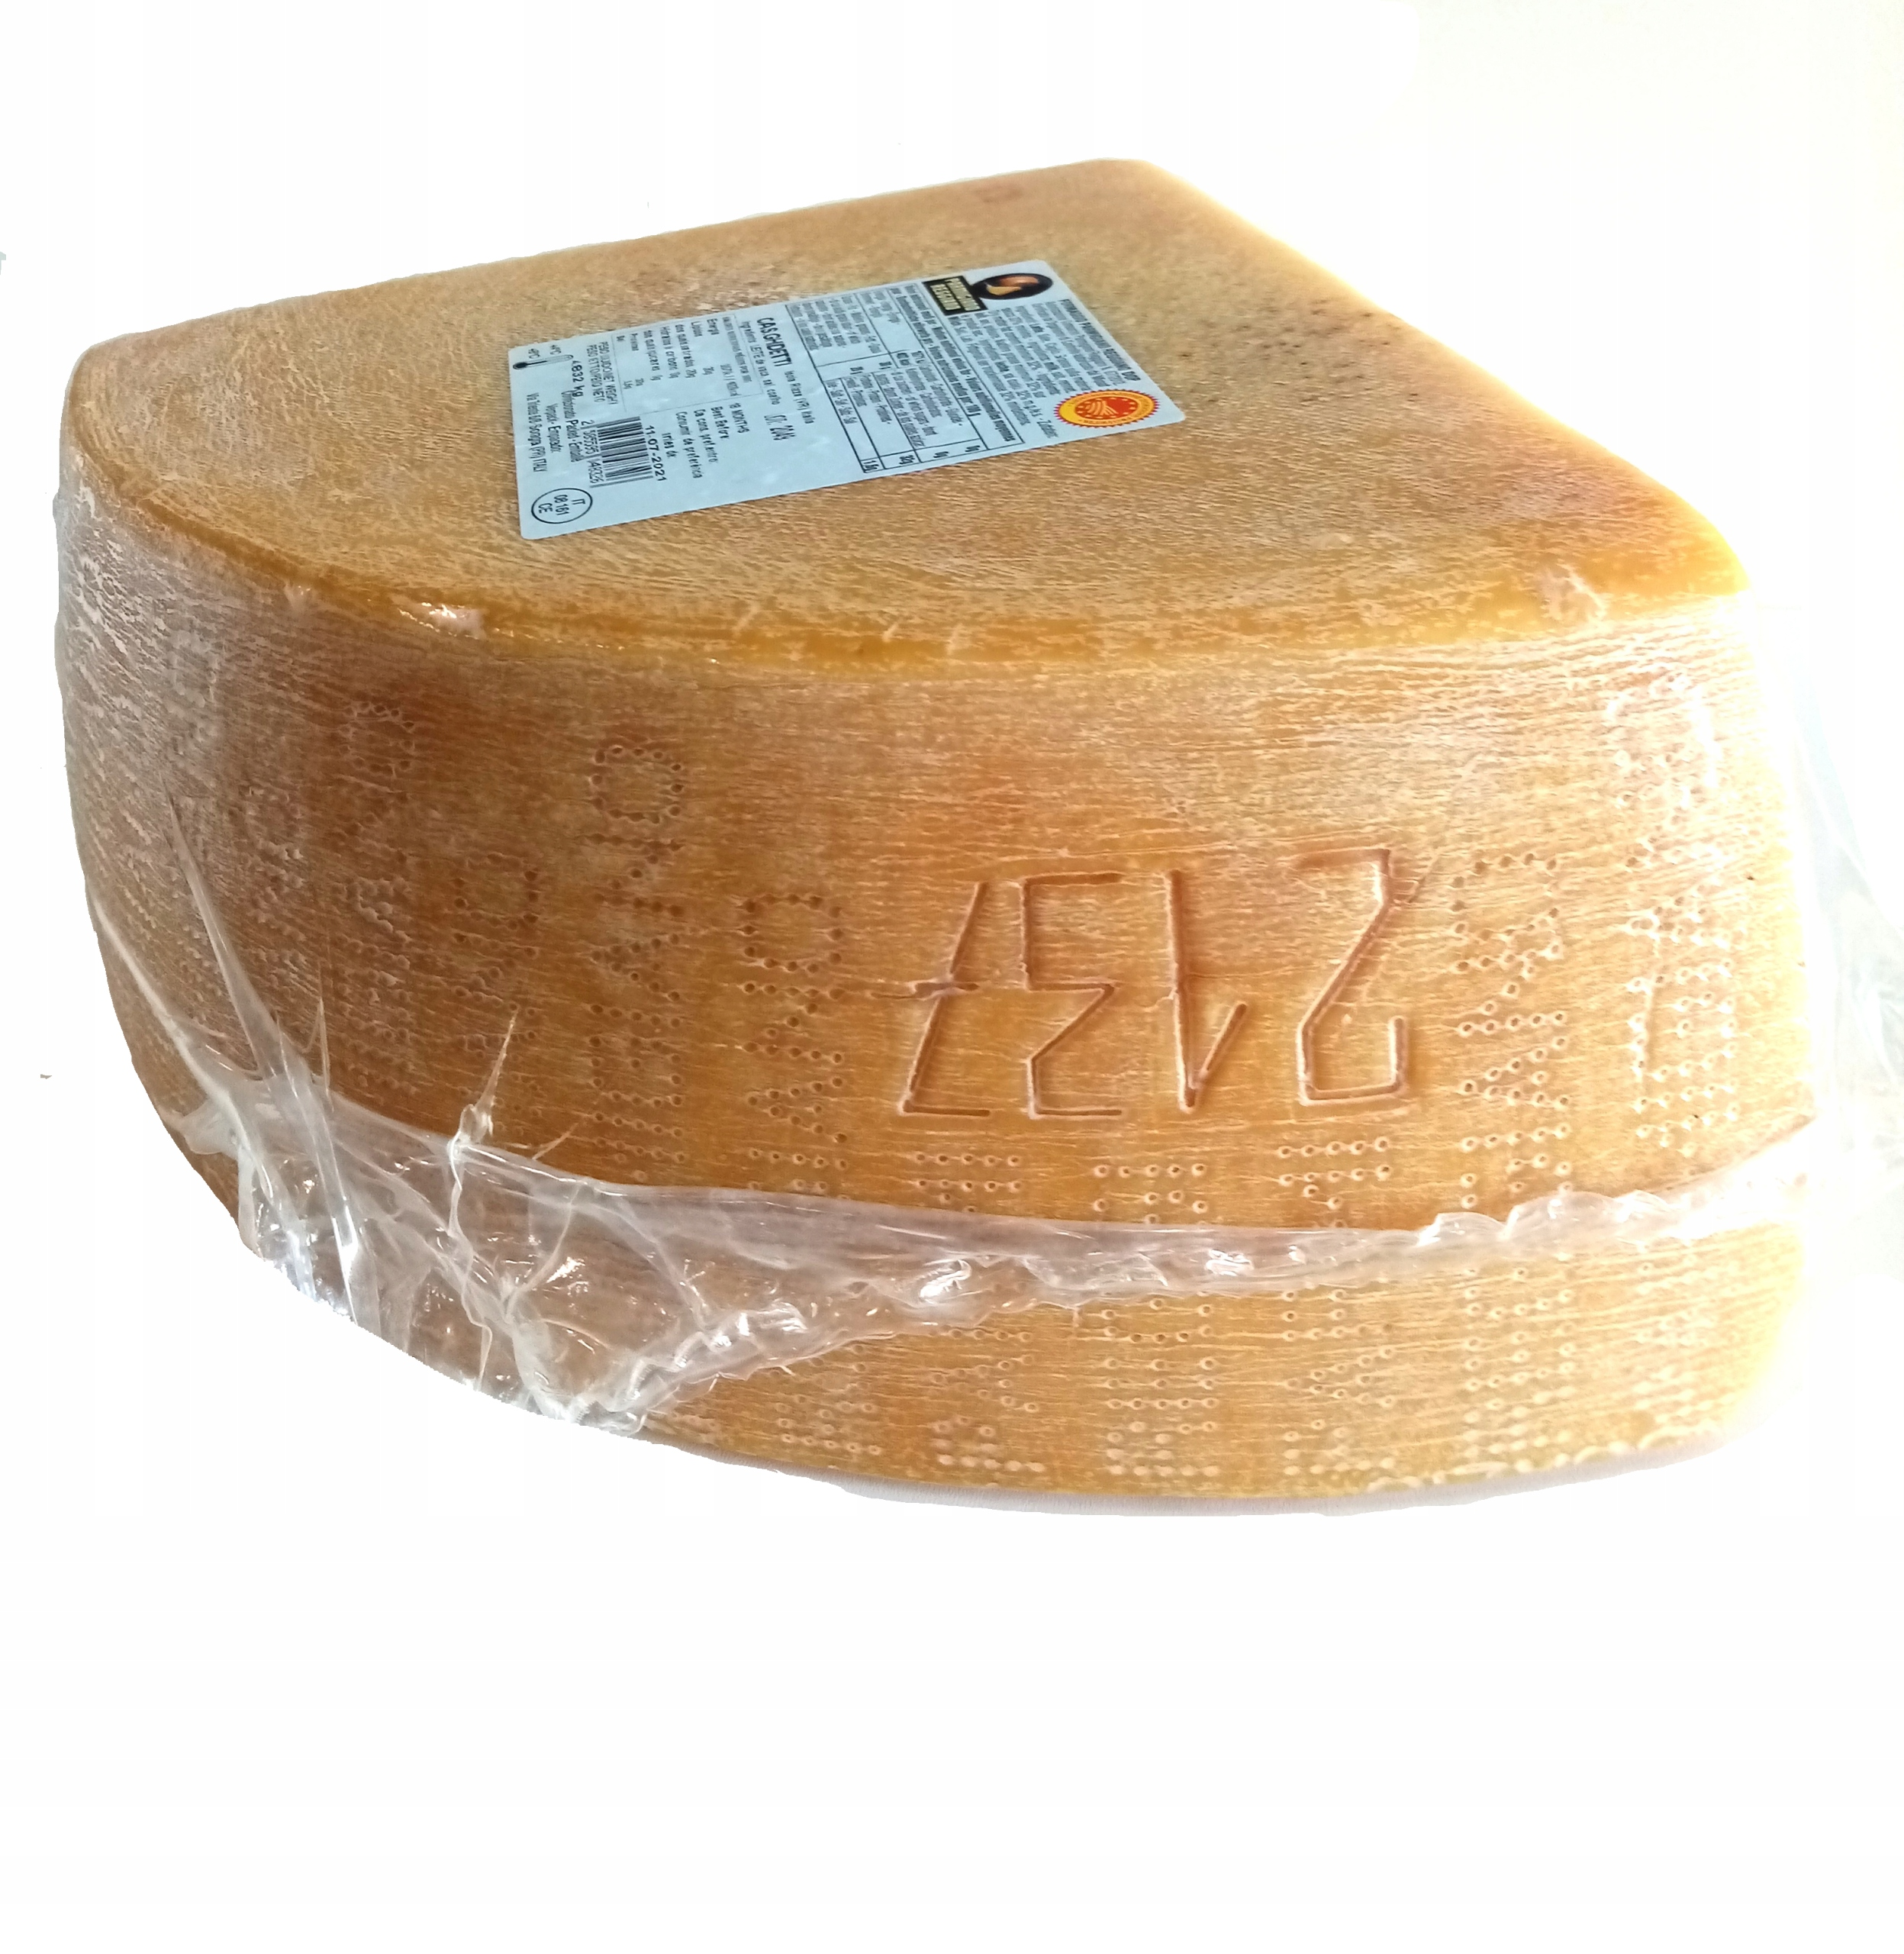 Parmezan Parmigiano Reggiano D.O.P. 5,080 kg